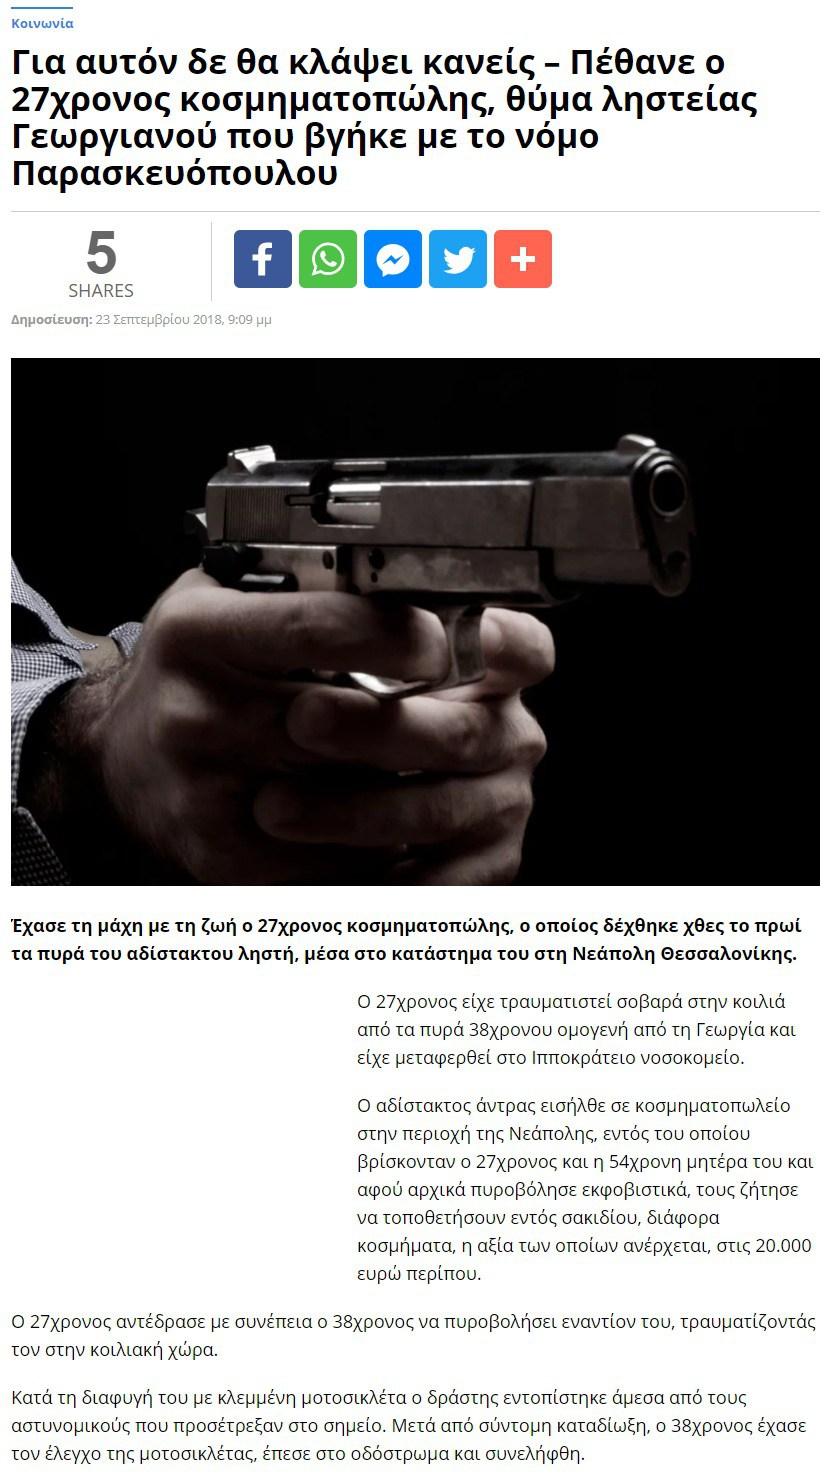 Τα γεγονότα συνέβησαν ως εξής  Ο Γεωργιανός ληστής και δολοφόνος εισήλθε σε  κοσμηματοπωλείο στην περιοχή της Νεάπολης Θεσσαλονίκης στις 8 Σεπ 2015. a308c51302a